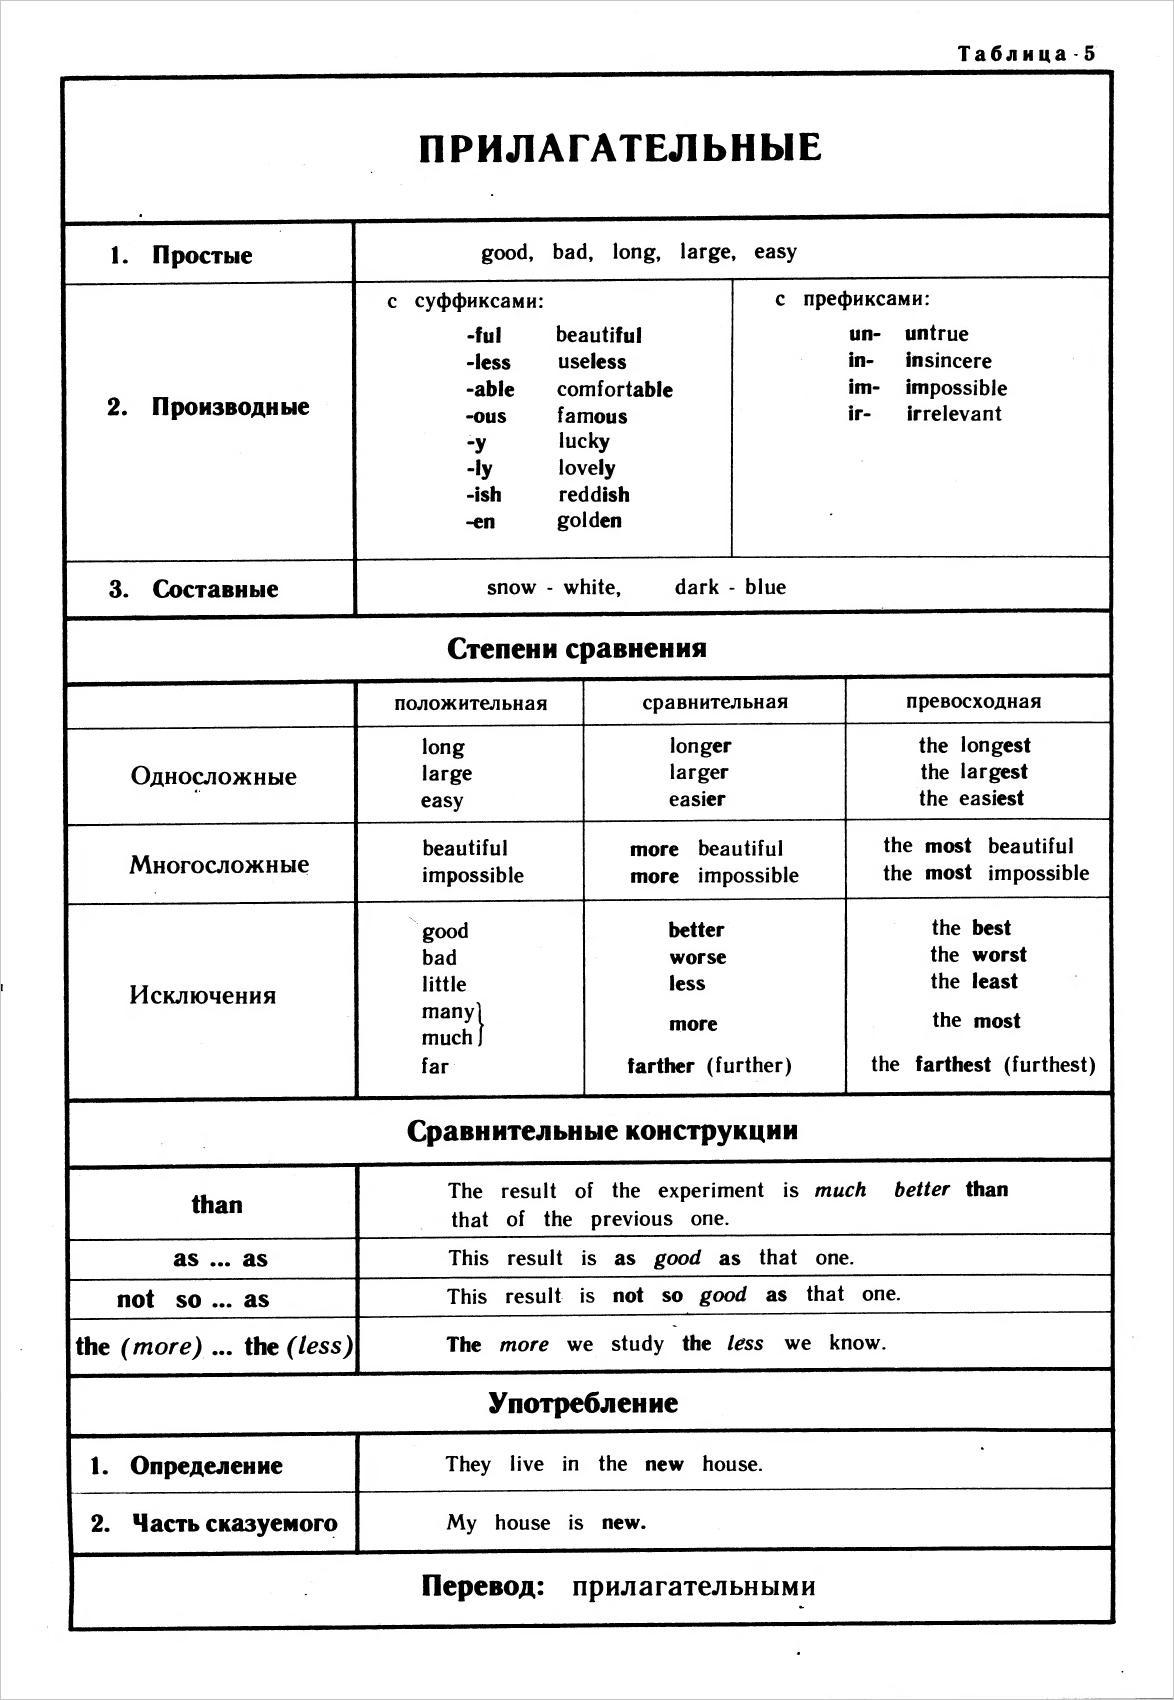 Таблицу английские прилагательные